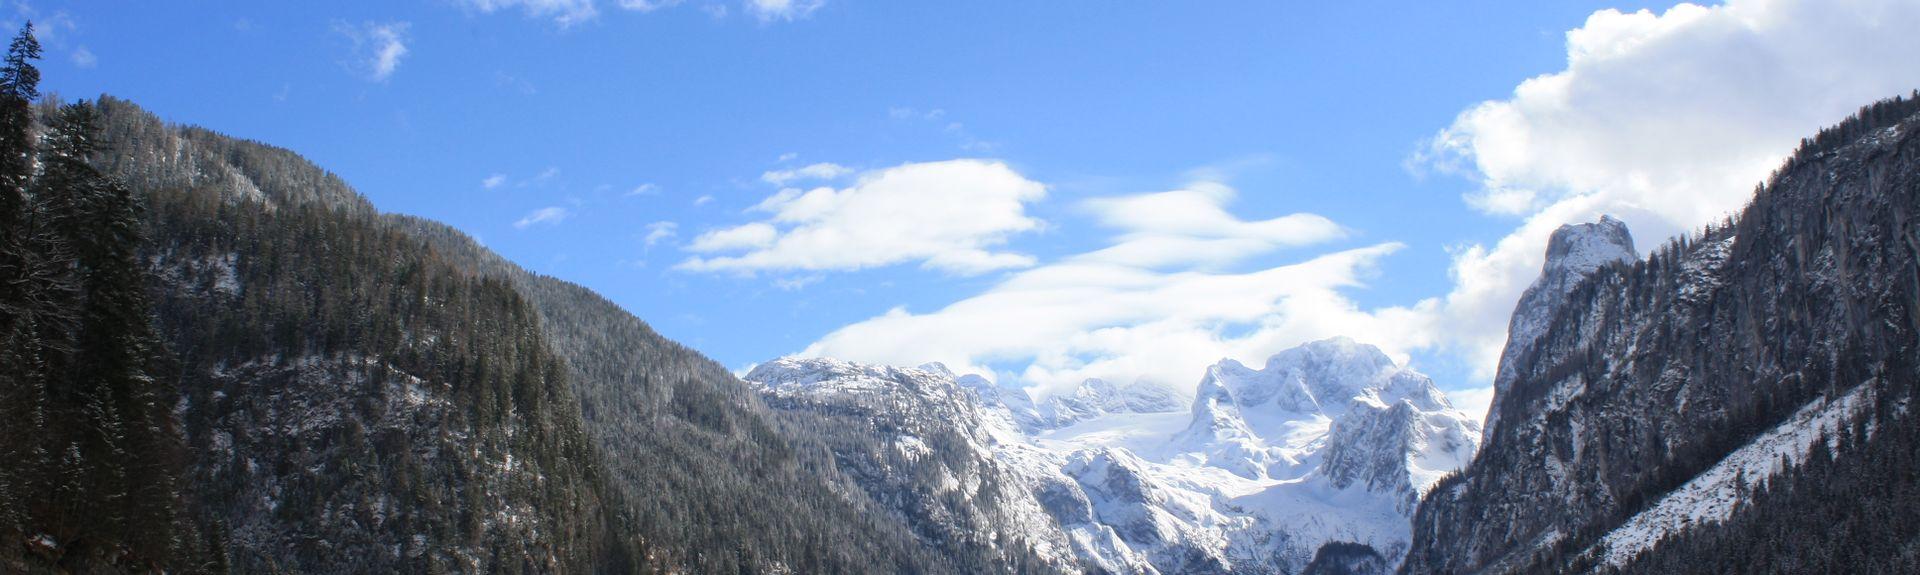 Altaussee, Stiermarken, Oostenrijk